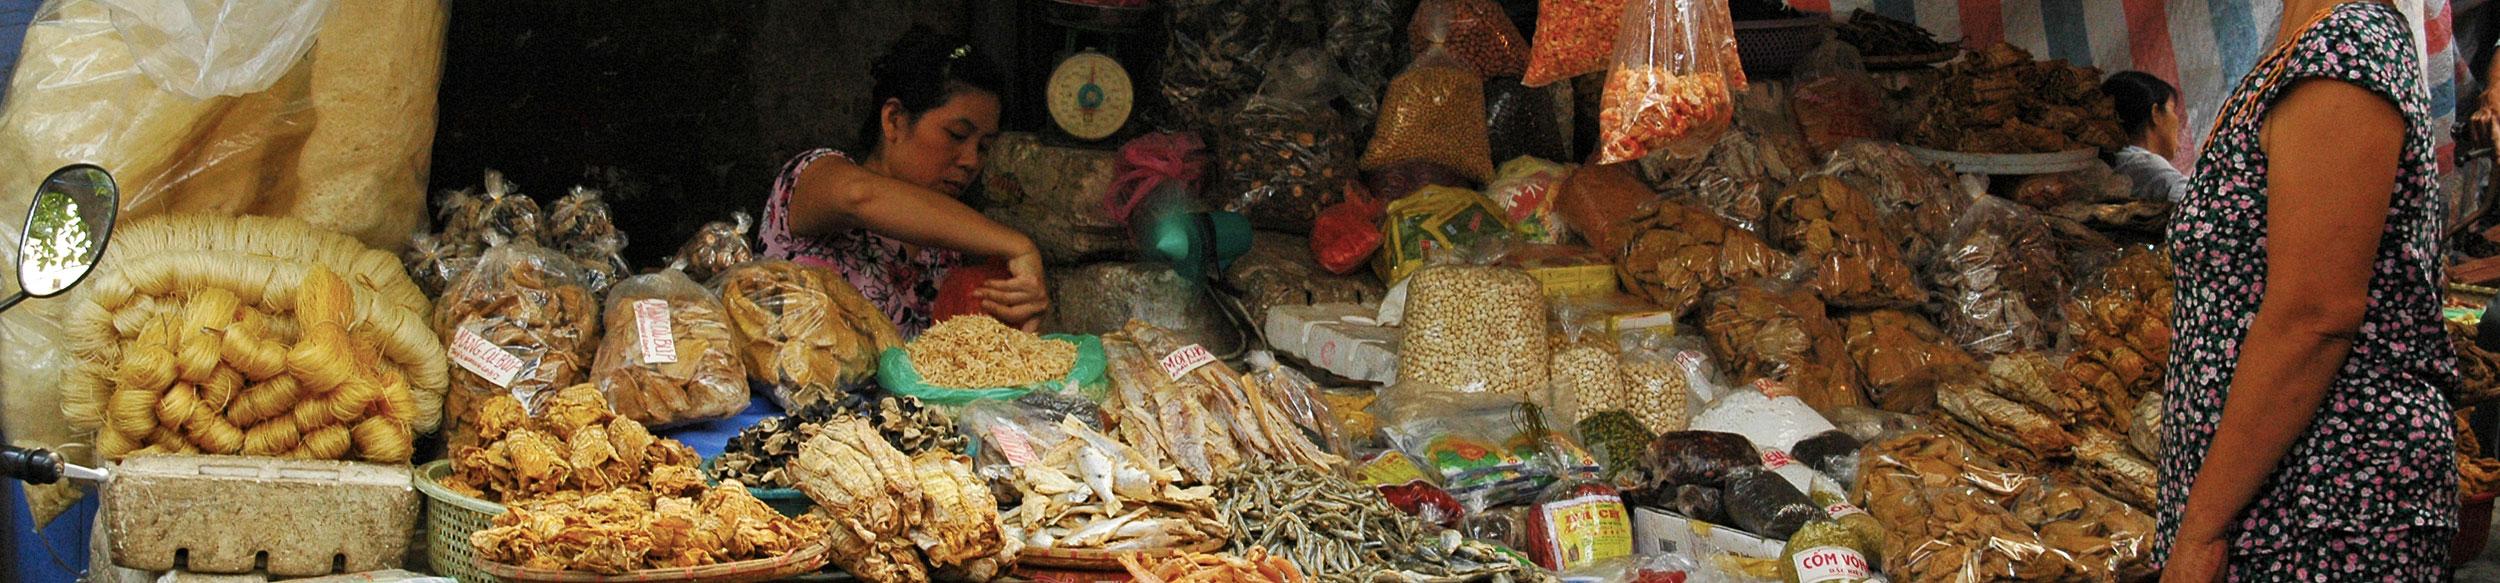 Étales d'un marché à Hanoi